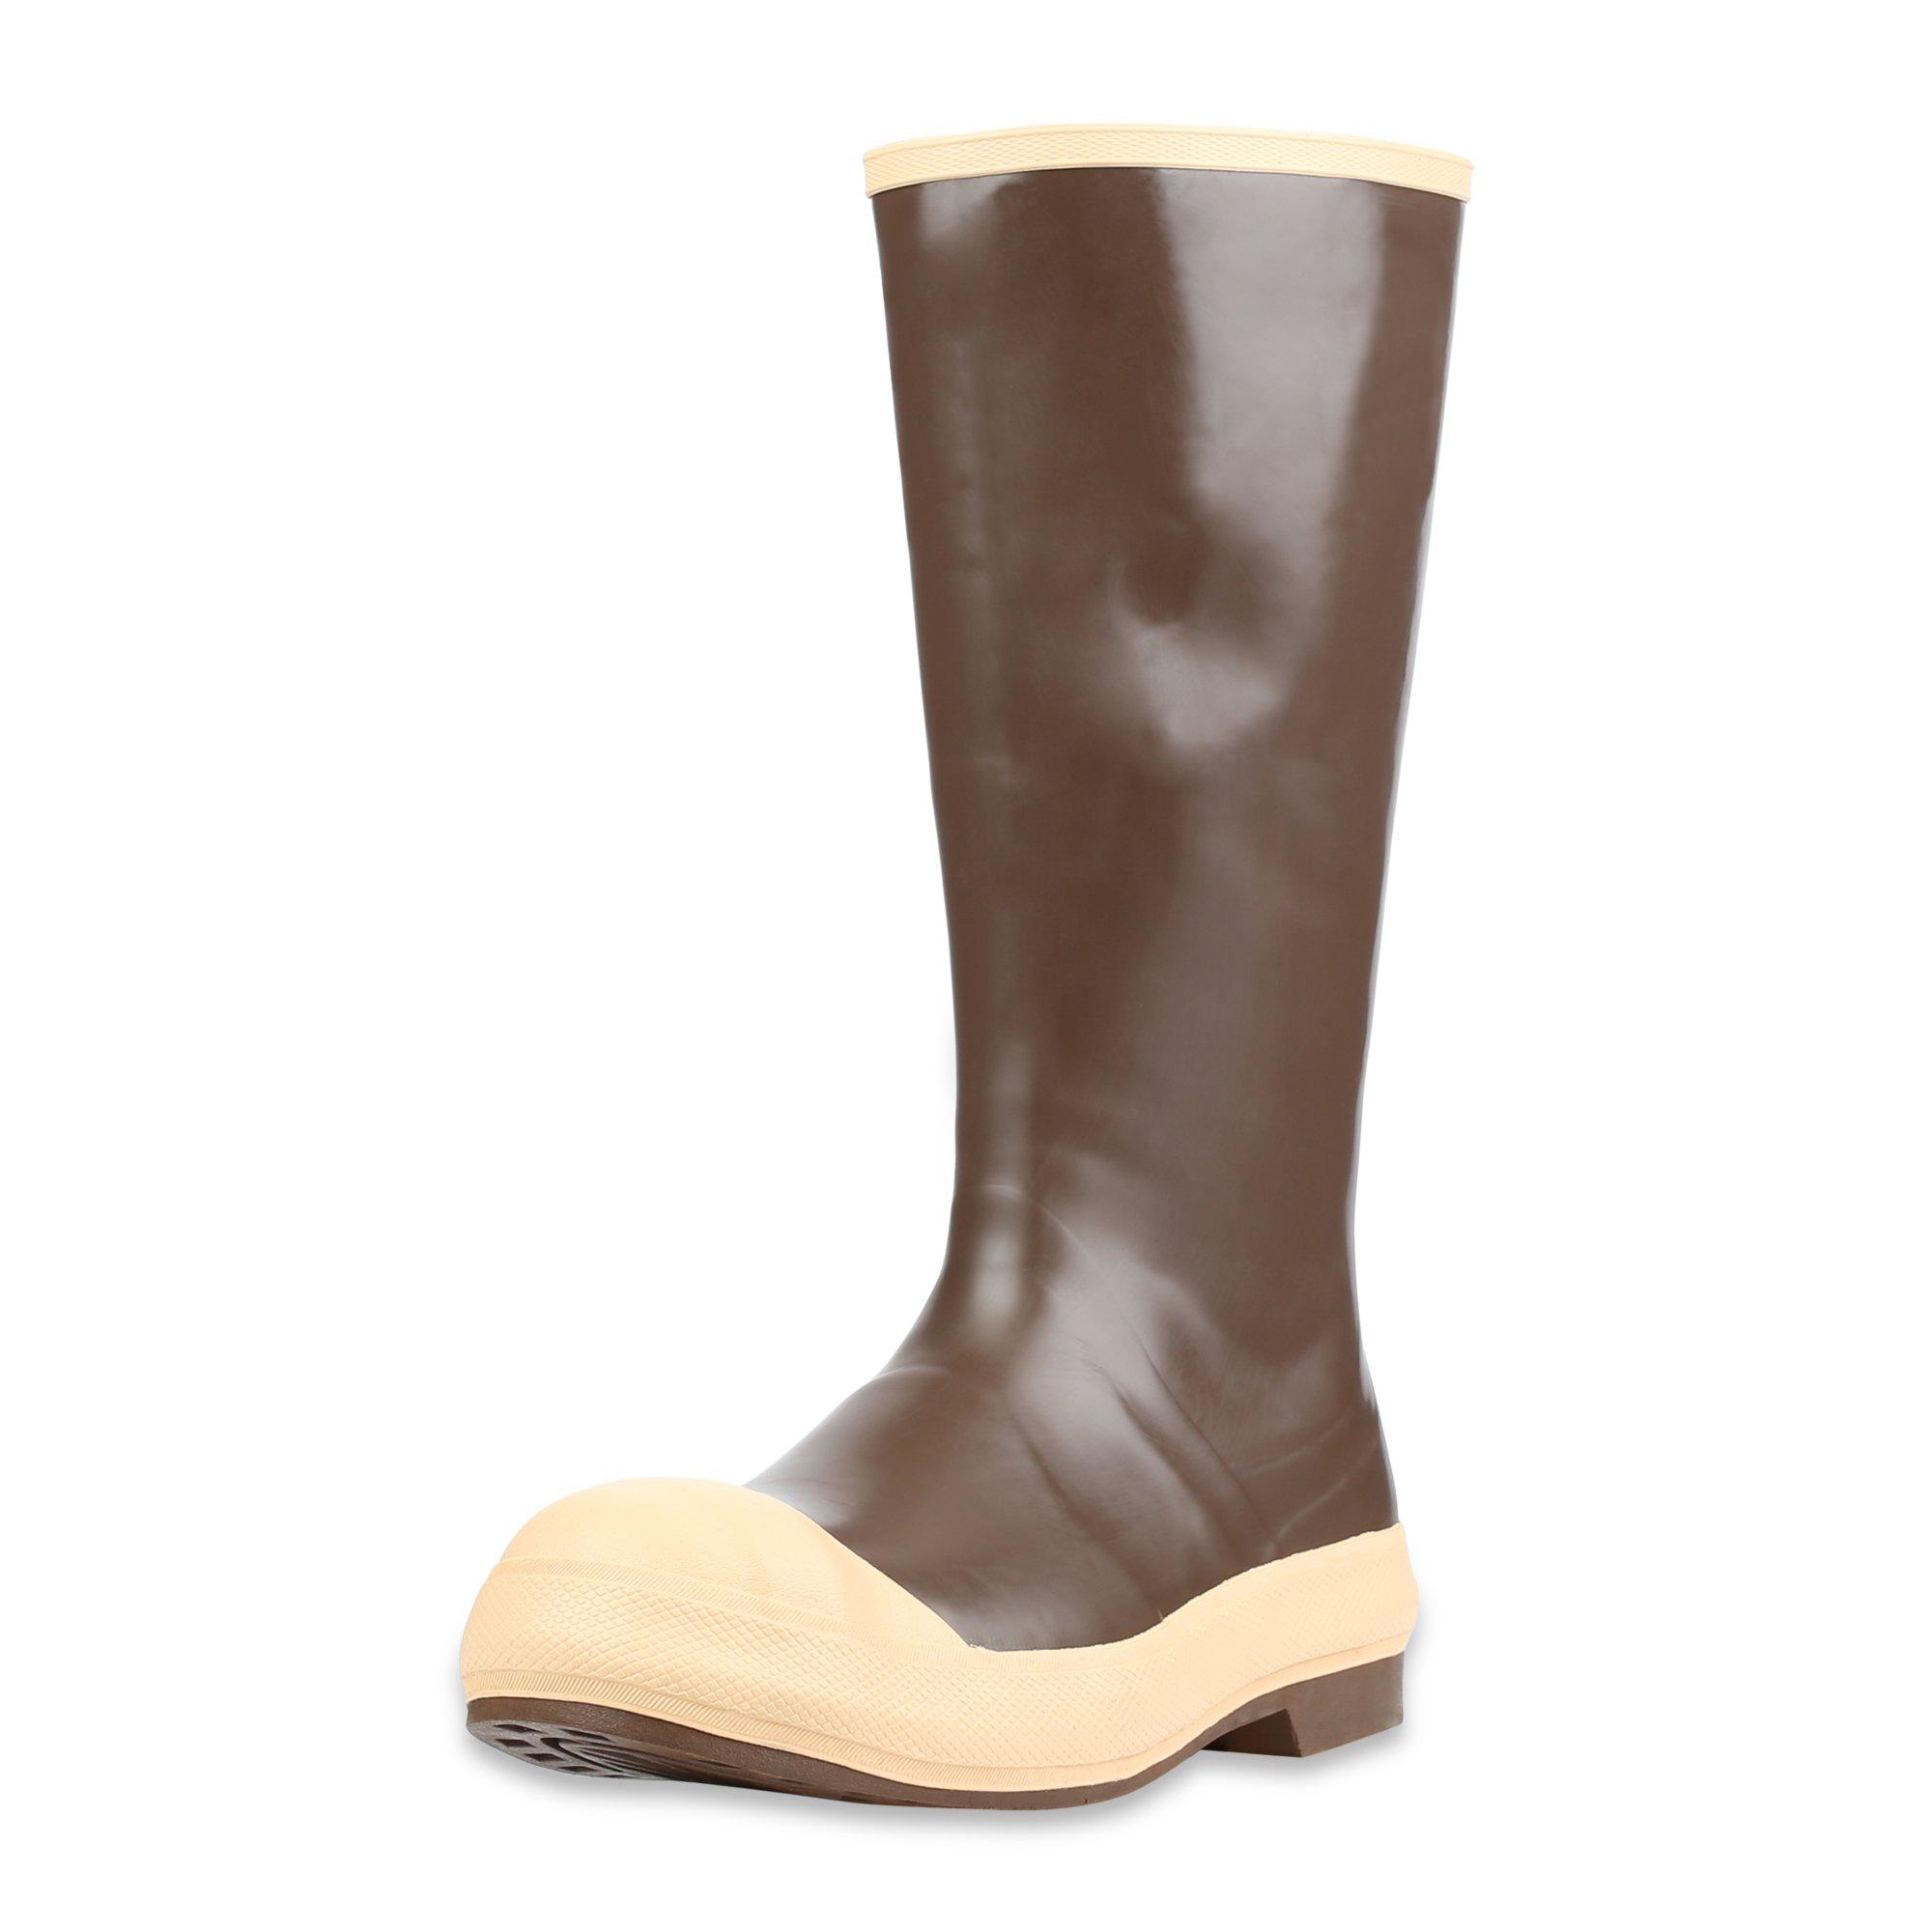 """Servus 15"""" Neoprene Steel Toe Men's Work Boots with Chevron Outsole, Copper & Tan (22214)"""